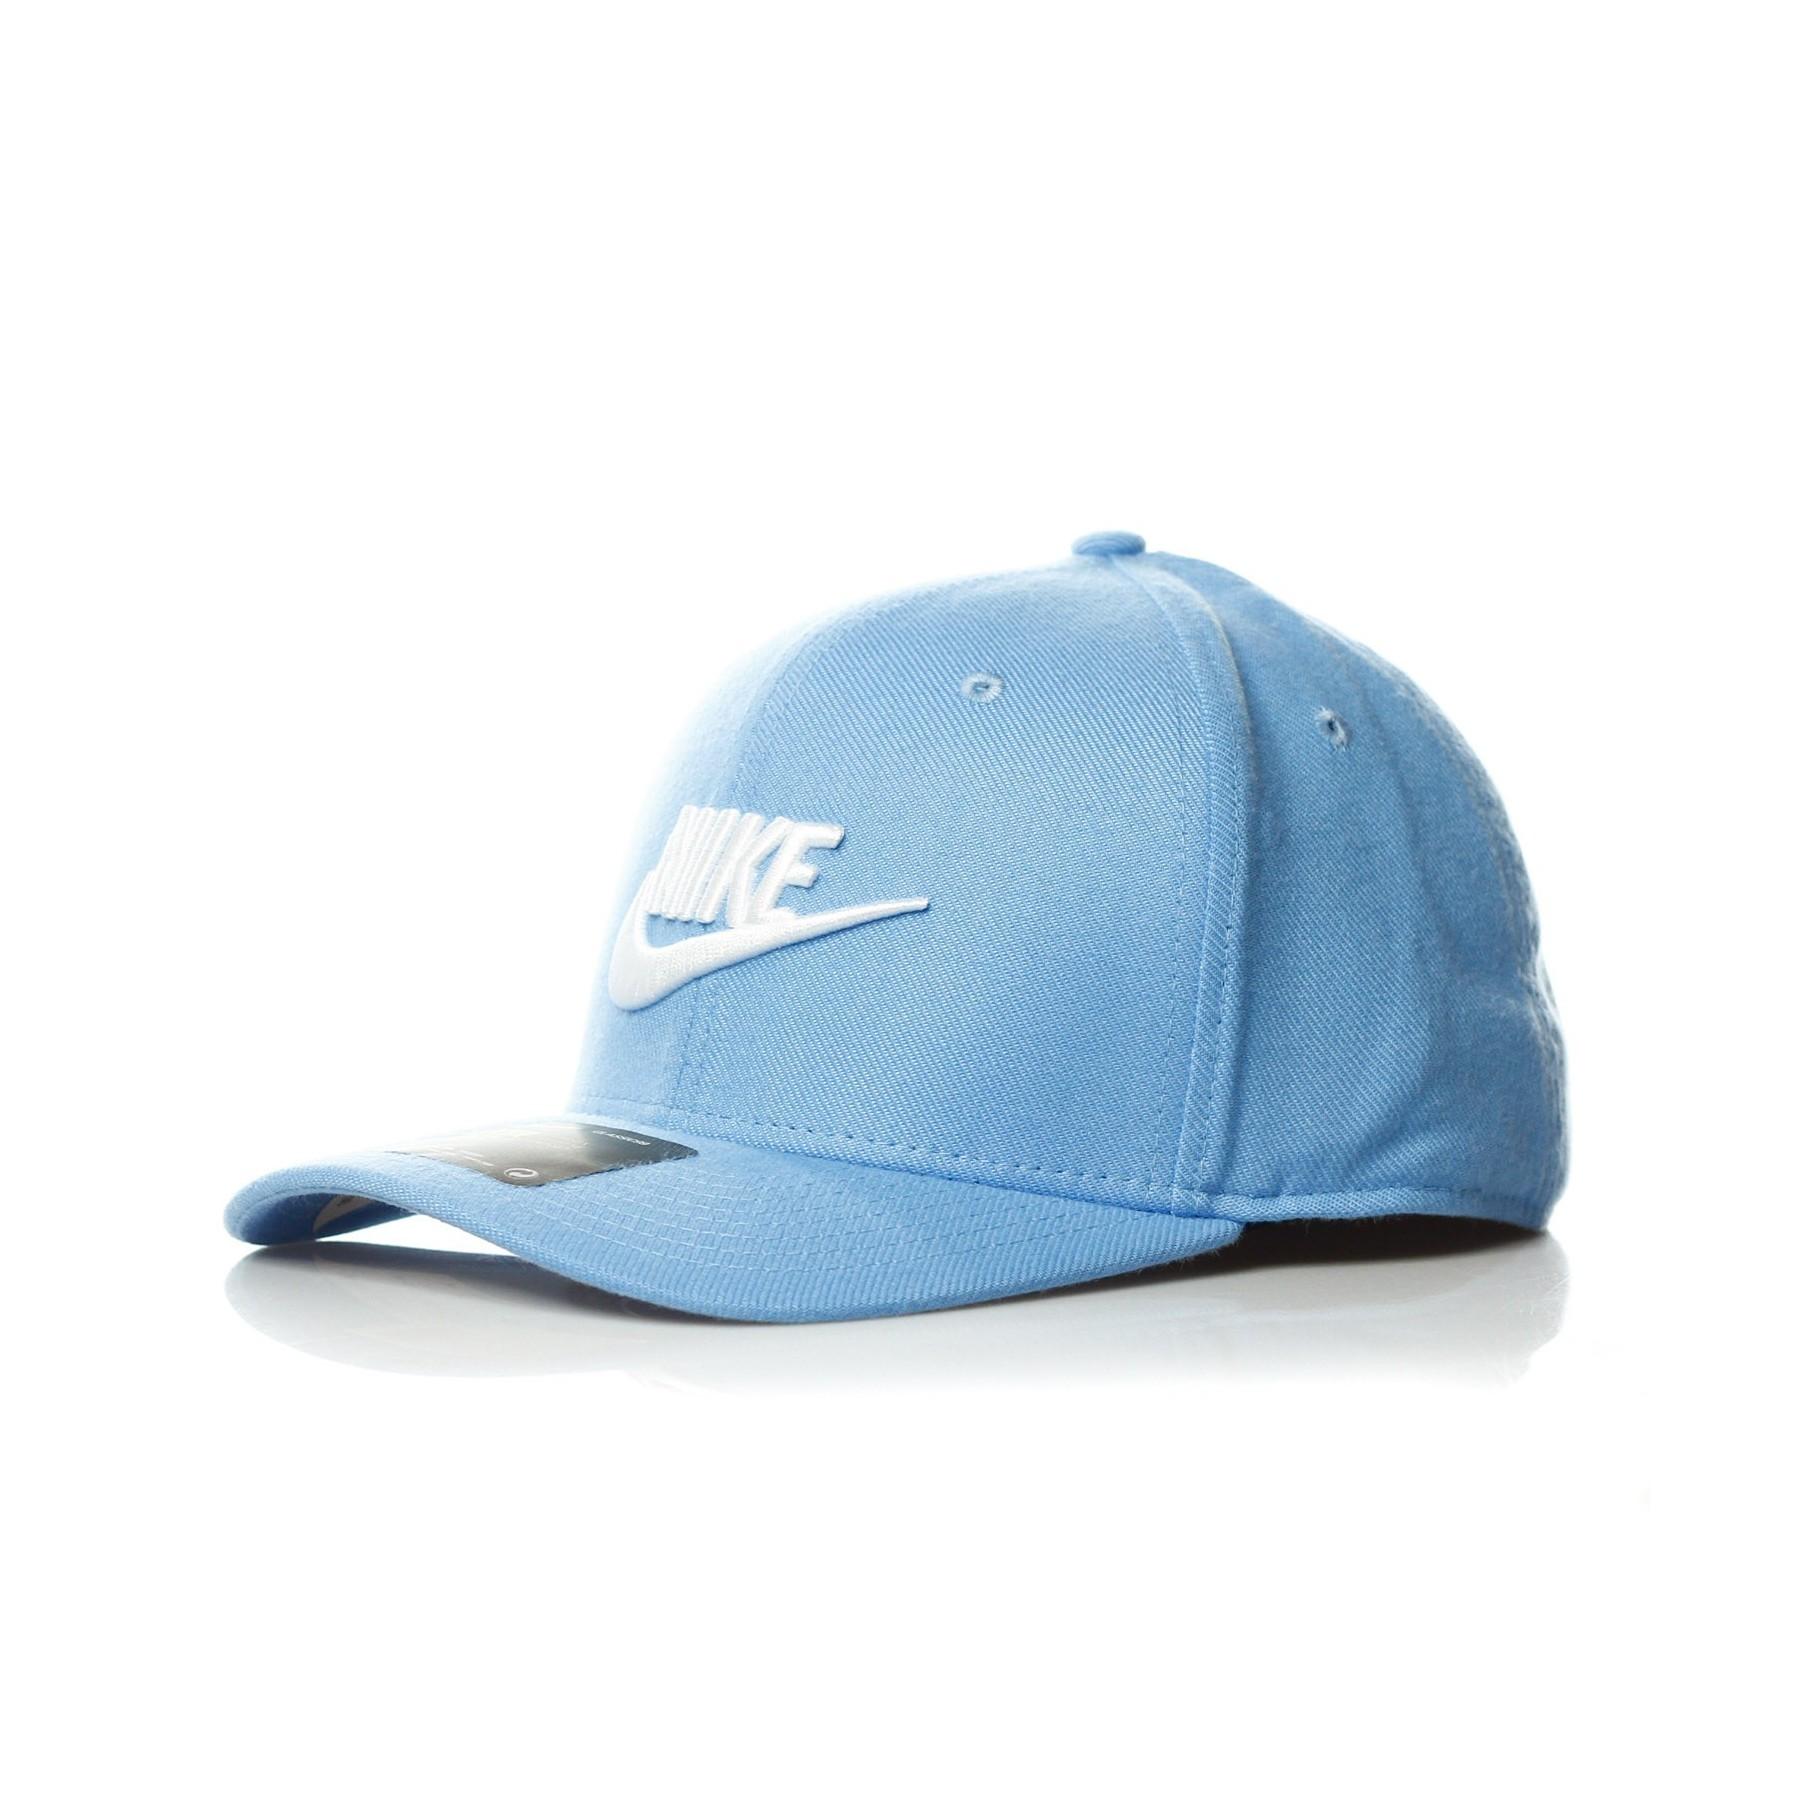 669eb9bf22e CAPPELLO FITTED CLC99 CAP SWFLX LIGHT BLUE WHITE